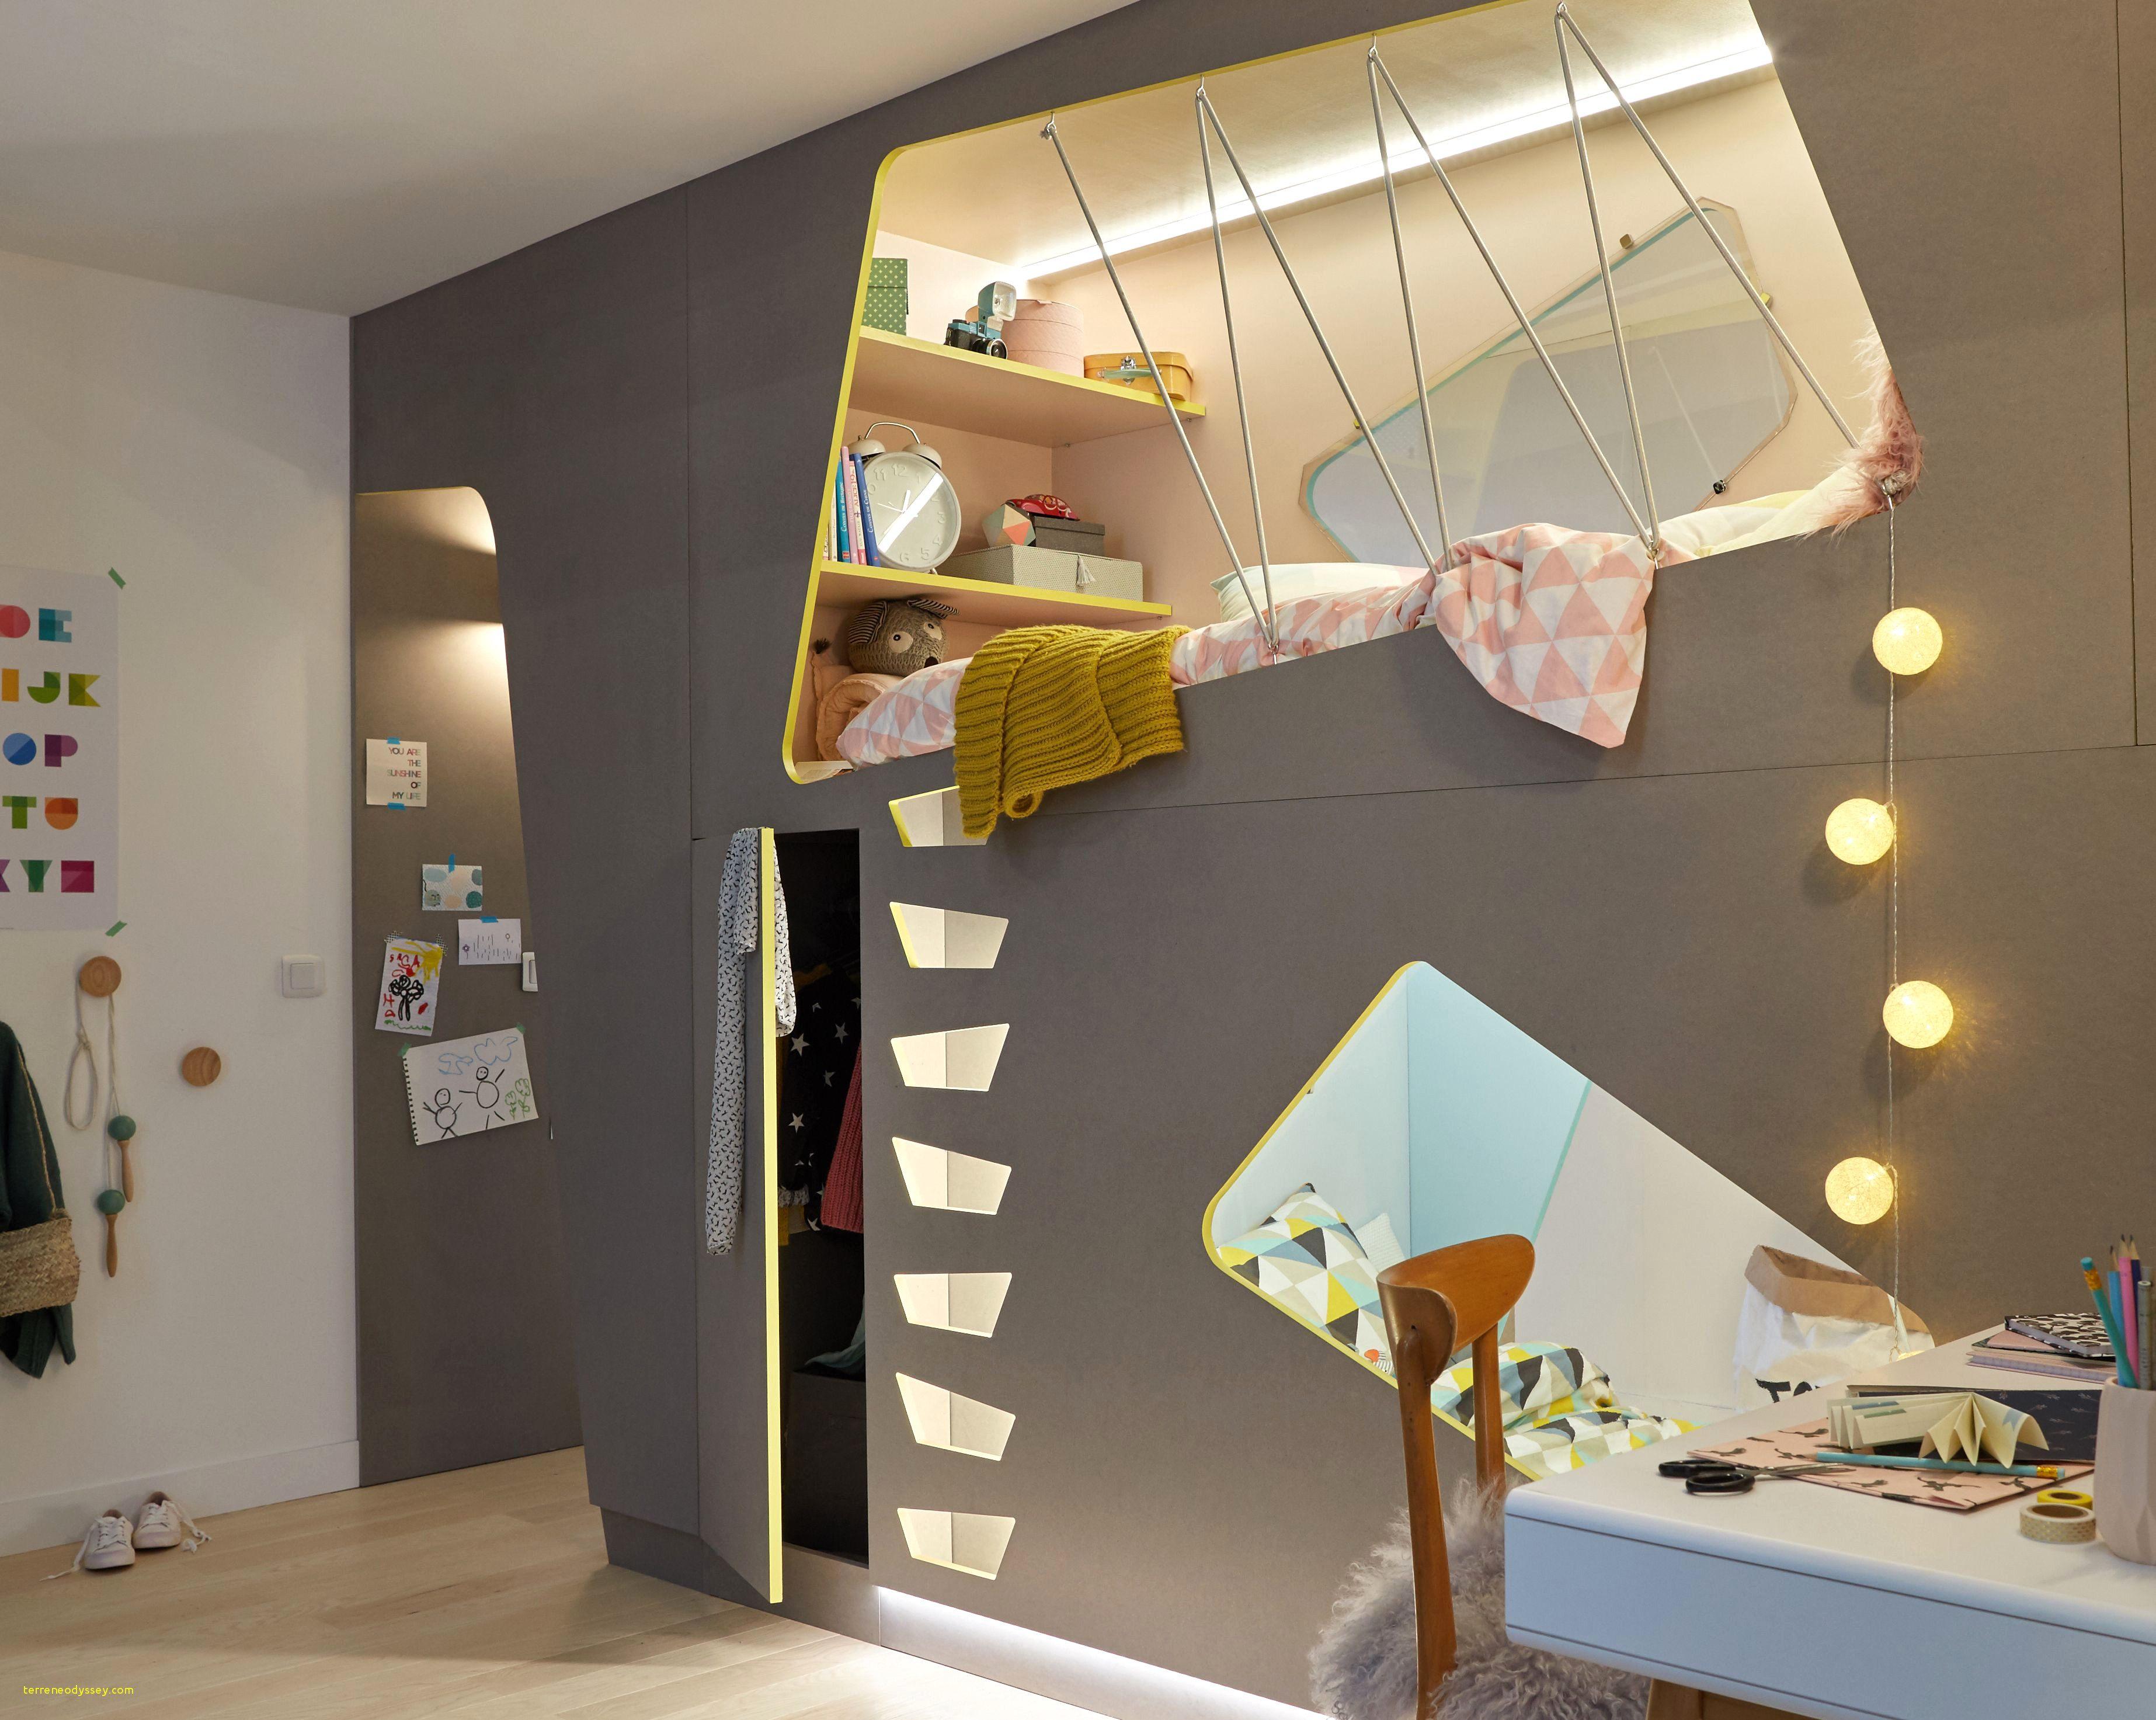 Lit Hauteur Enfant Le Luxe Résultat Supérieur Lit Pour Enfant Impressionnant Chambre Lit